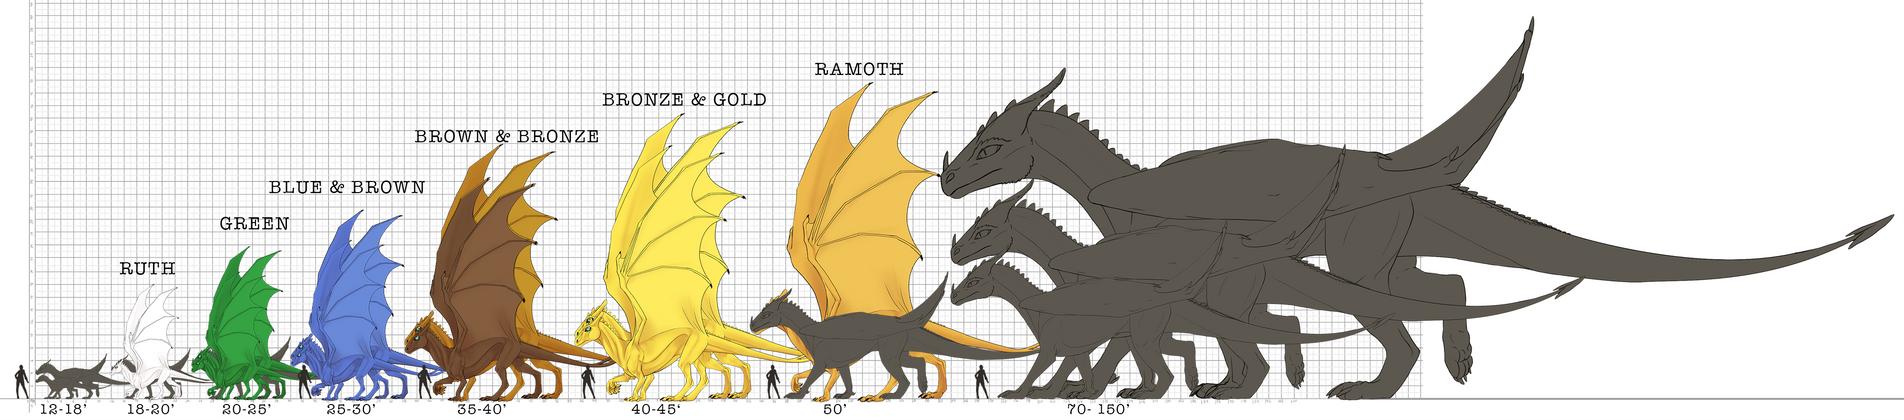 Methy vs. Pern dragon sizes (feet)